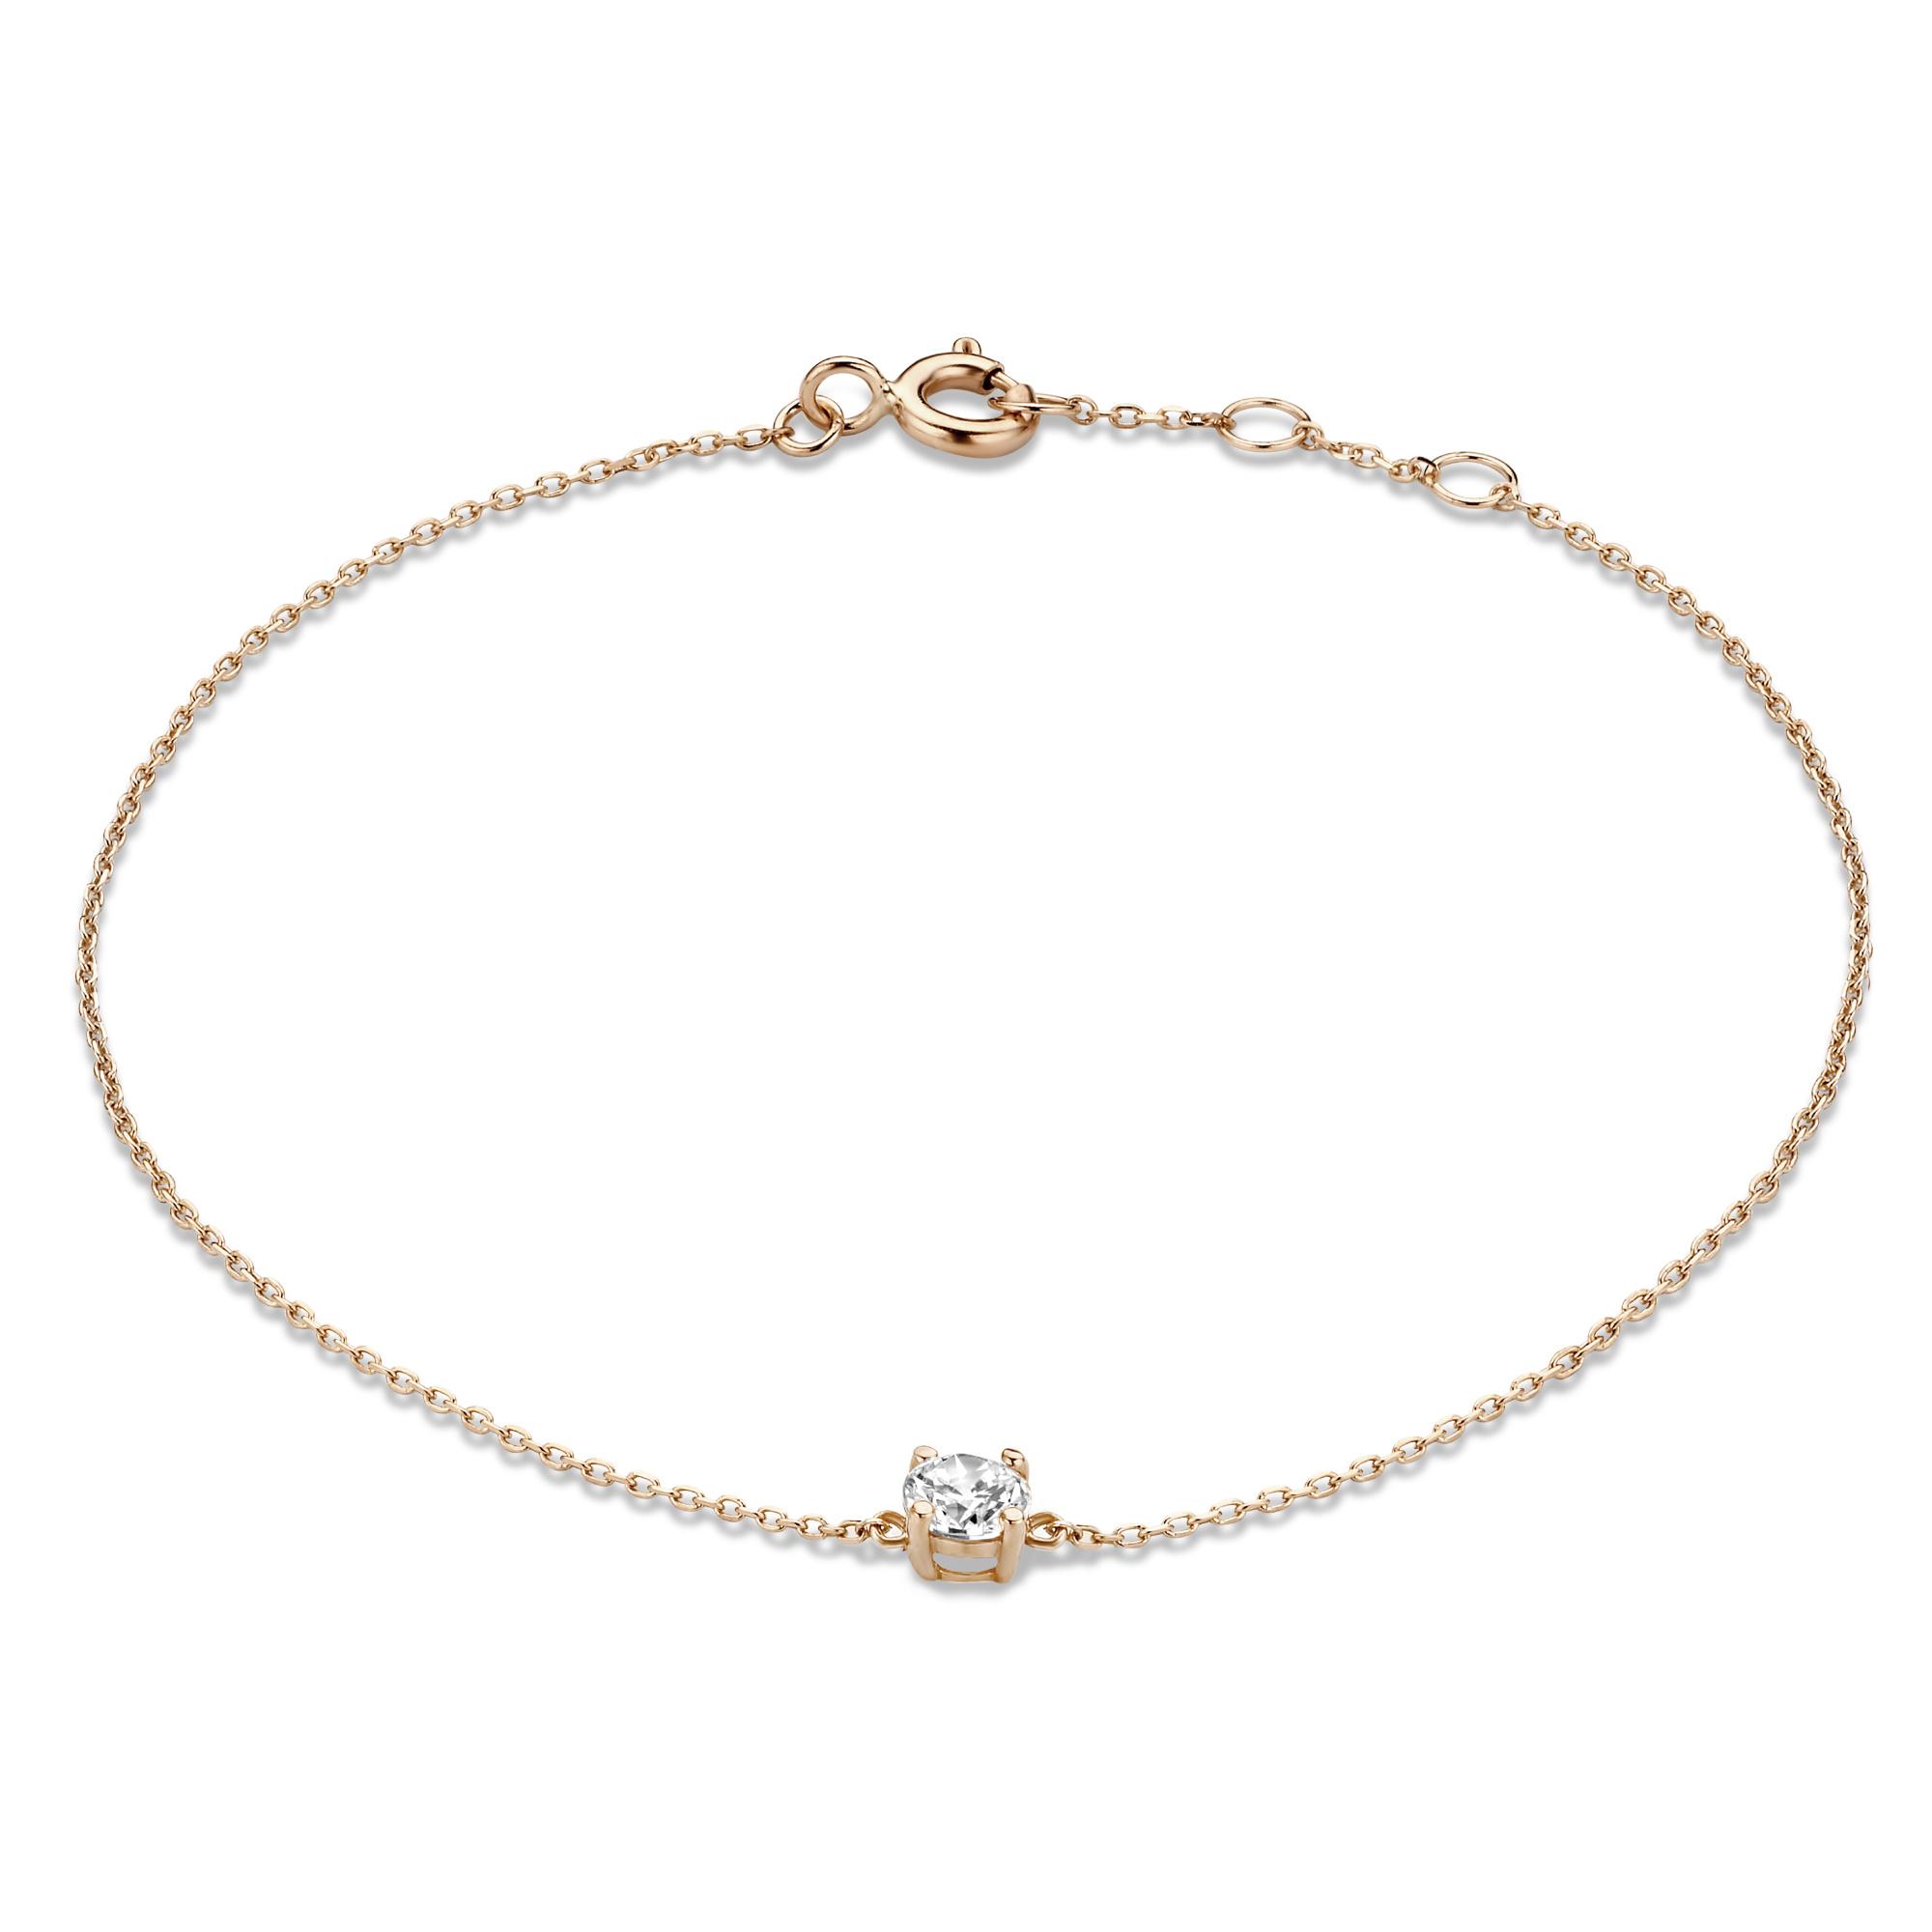 Isabel Bernard La Concorde Apolline 14 karat rose gold bracelet with zirconia